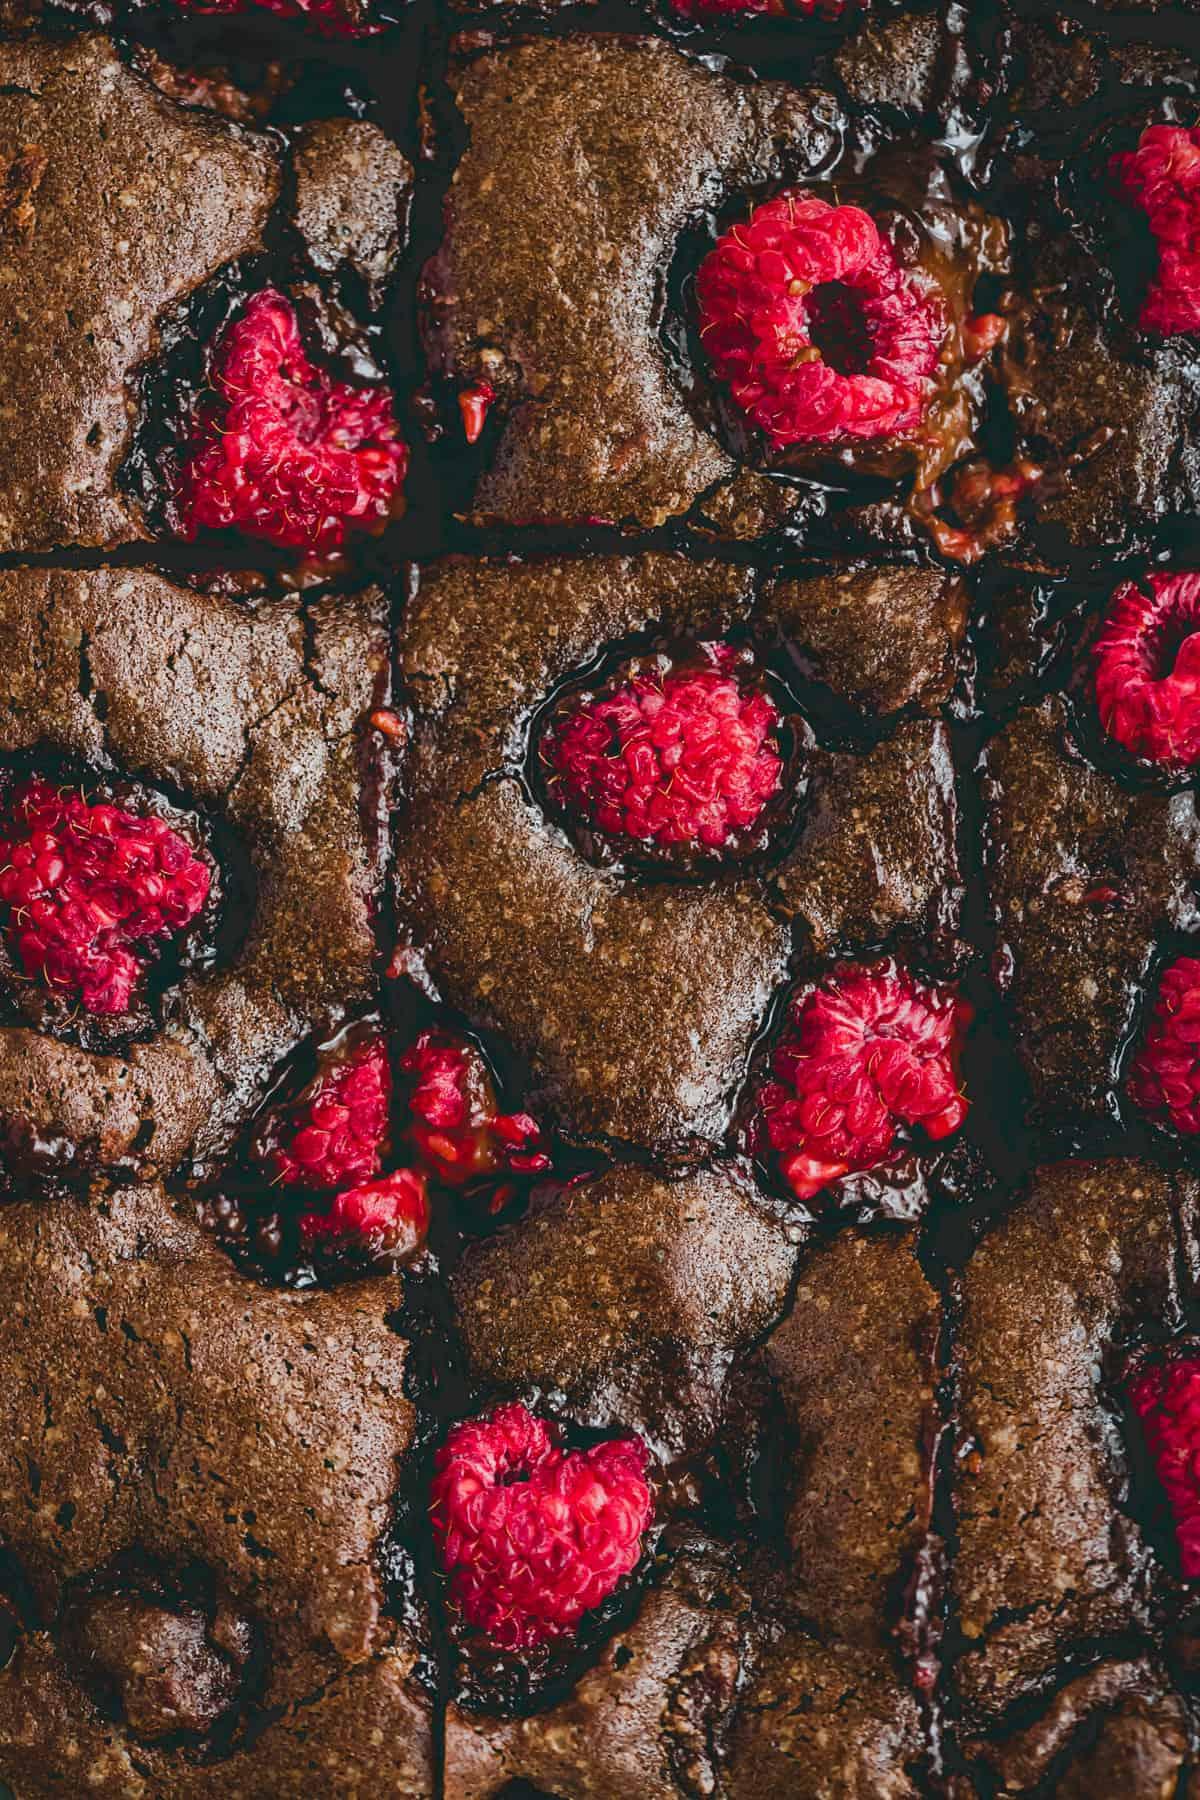 macro shot of raspberry brownies